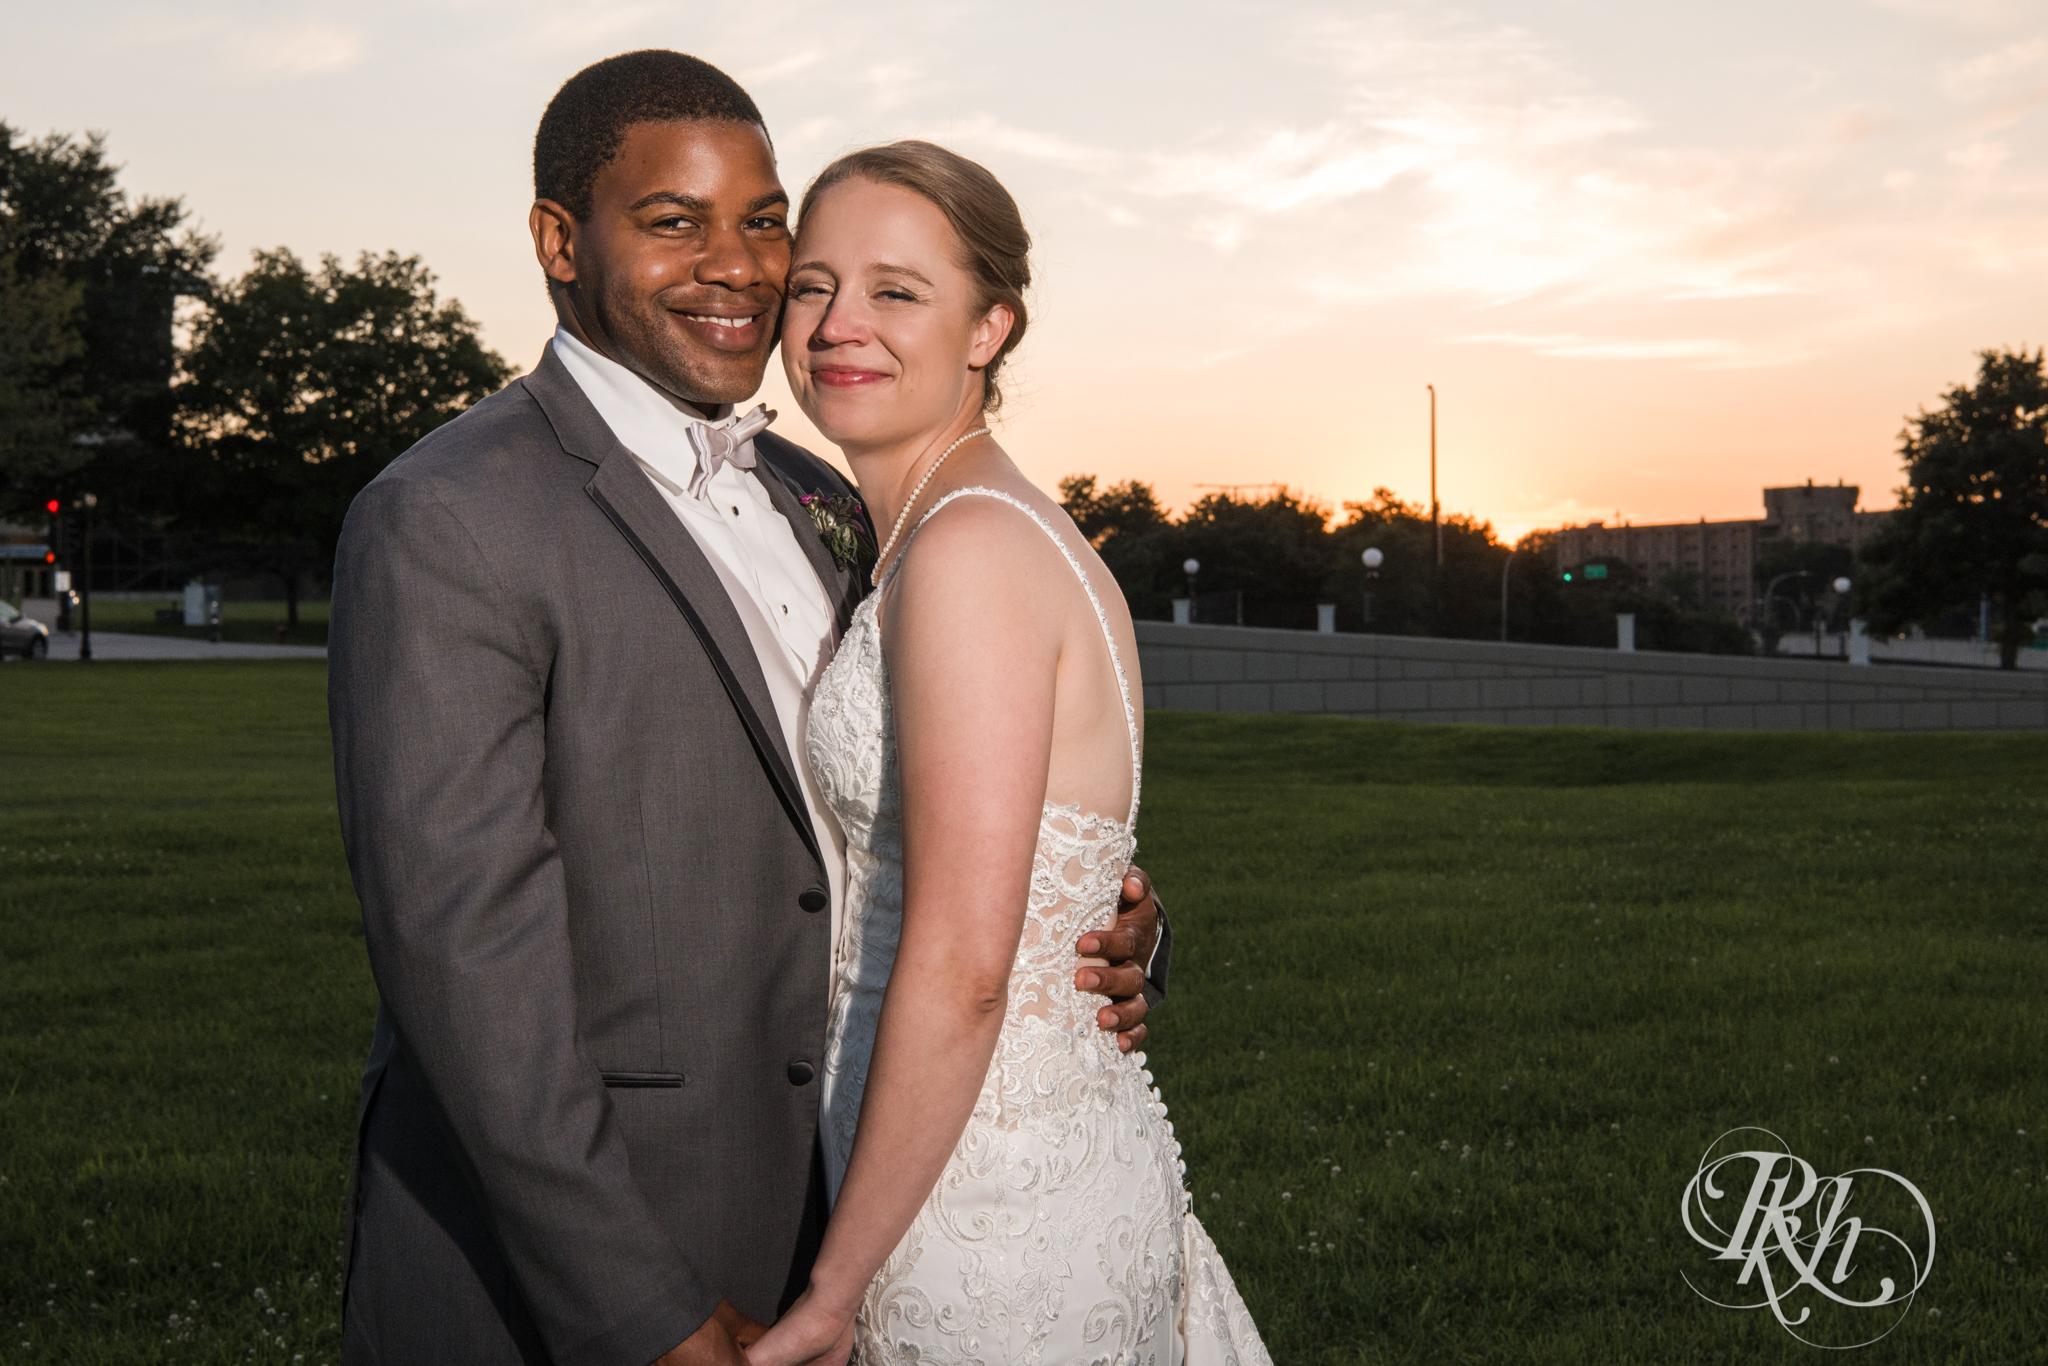 Laura and Adekunle - Minnesota Wedding Photographer - Minnesota History Center - RKH Images - Blog (73 of 75).jpg